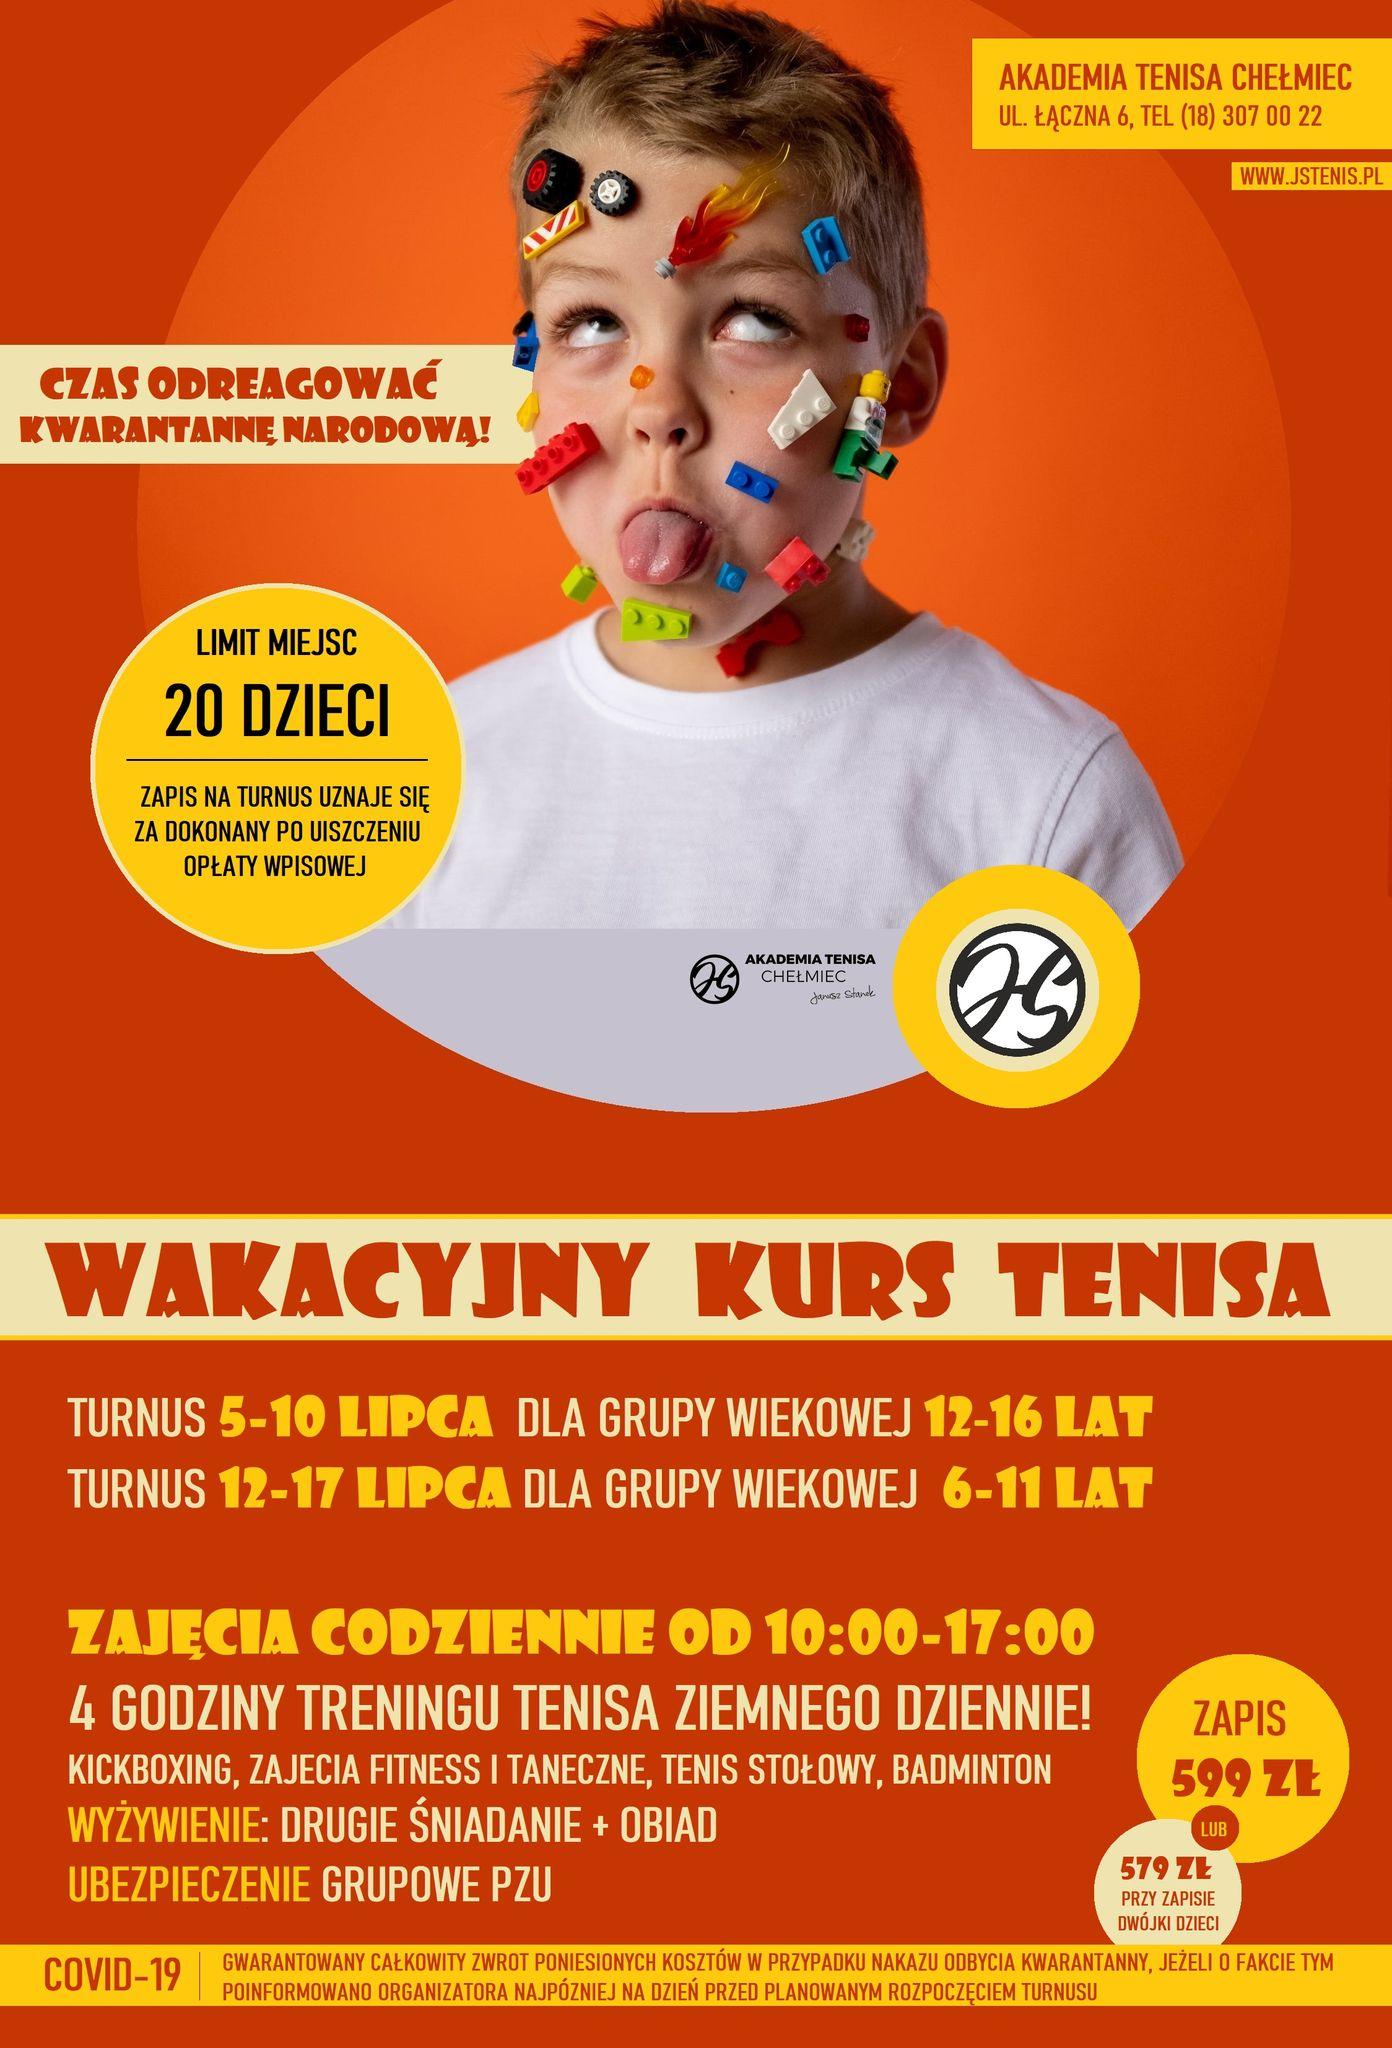 WAKACYJNY KURS TENISA, Akademia Tenisa Chełmiec - Janusz Stanek, tenis ziemny, korty tenisowe, tenis Nowy Sącz